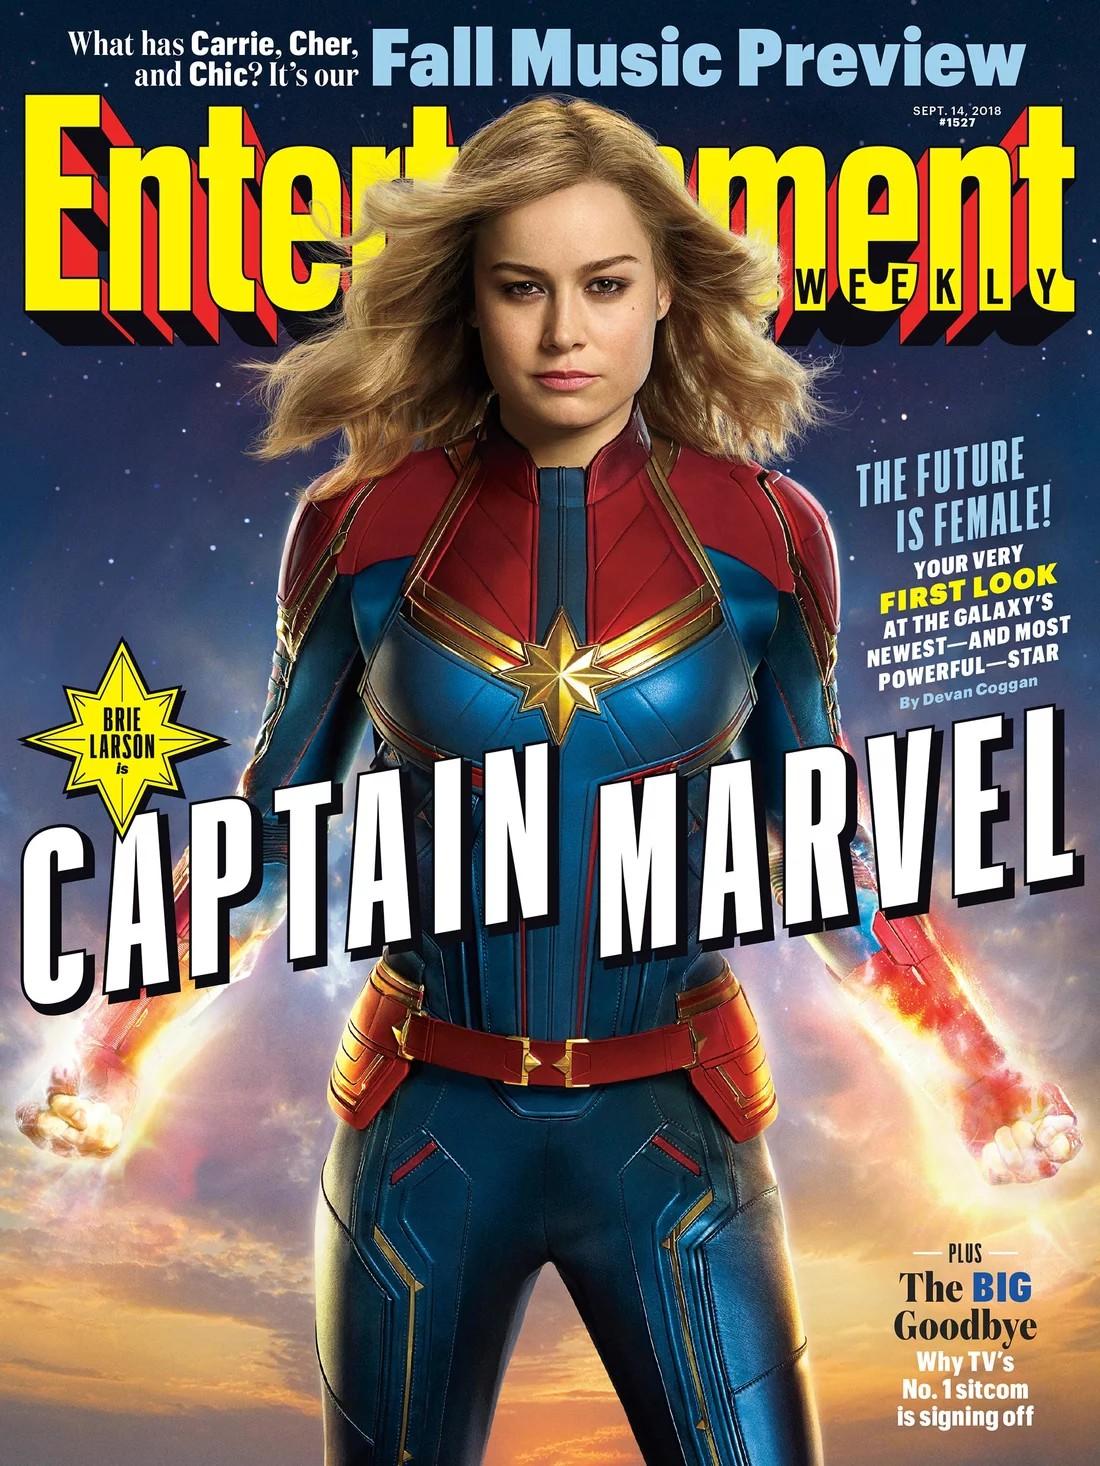 Capa da Entertainment Weekly revela a Capitã Marvel (Foto: Reprodução/EW)